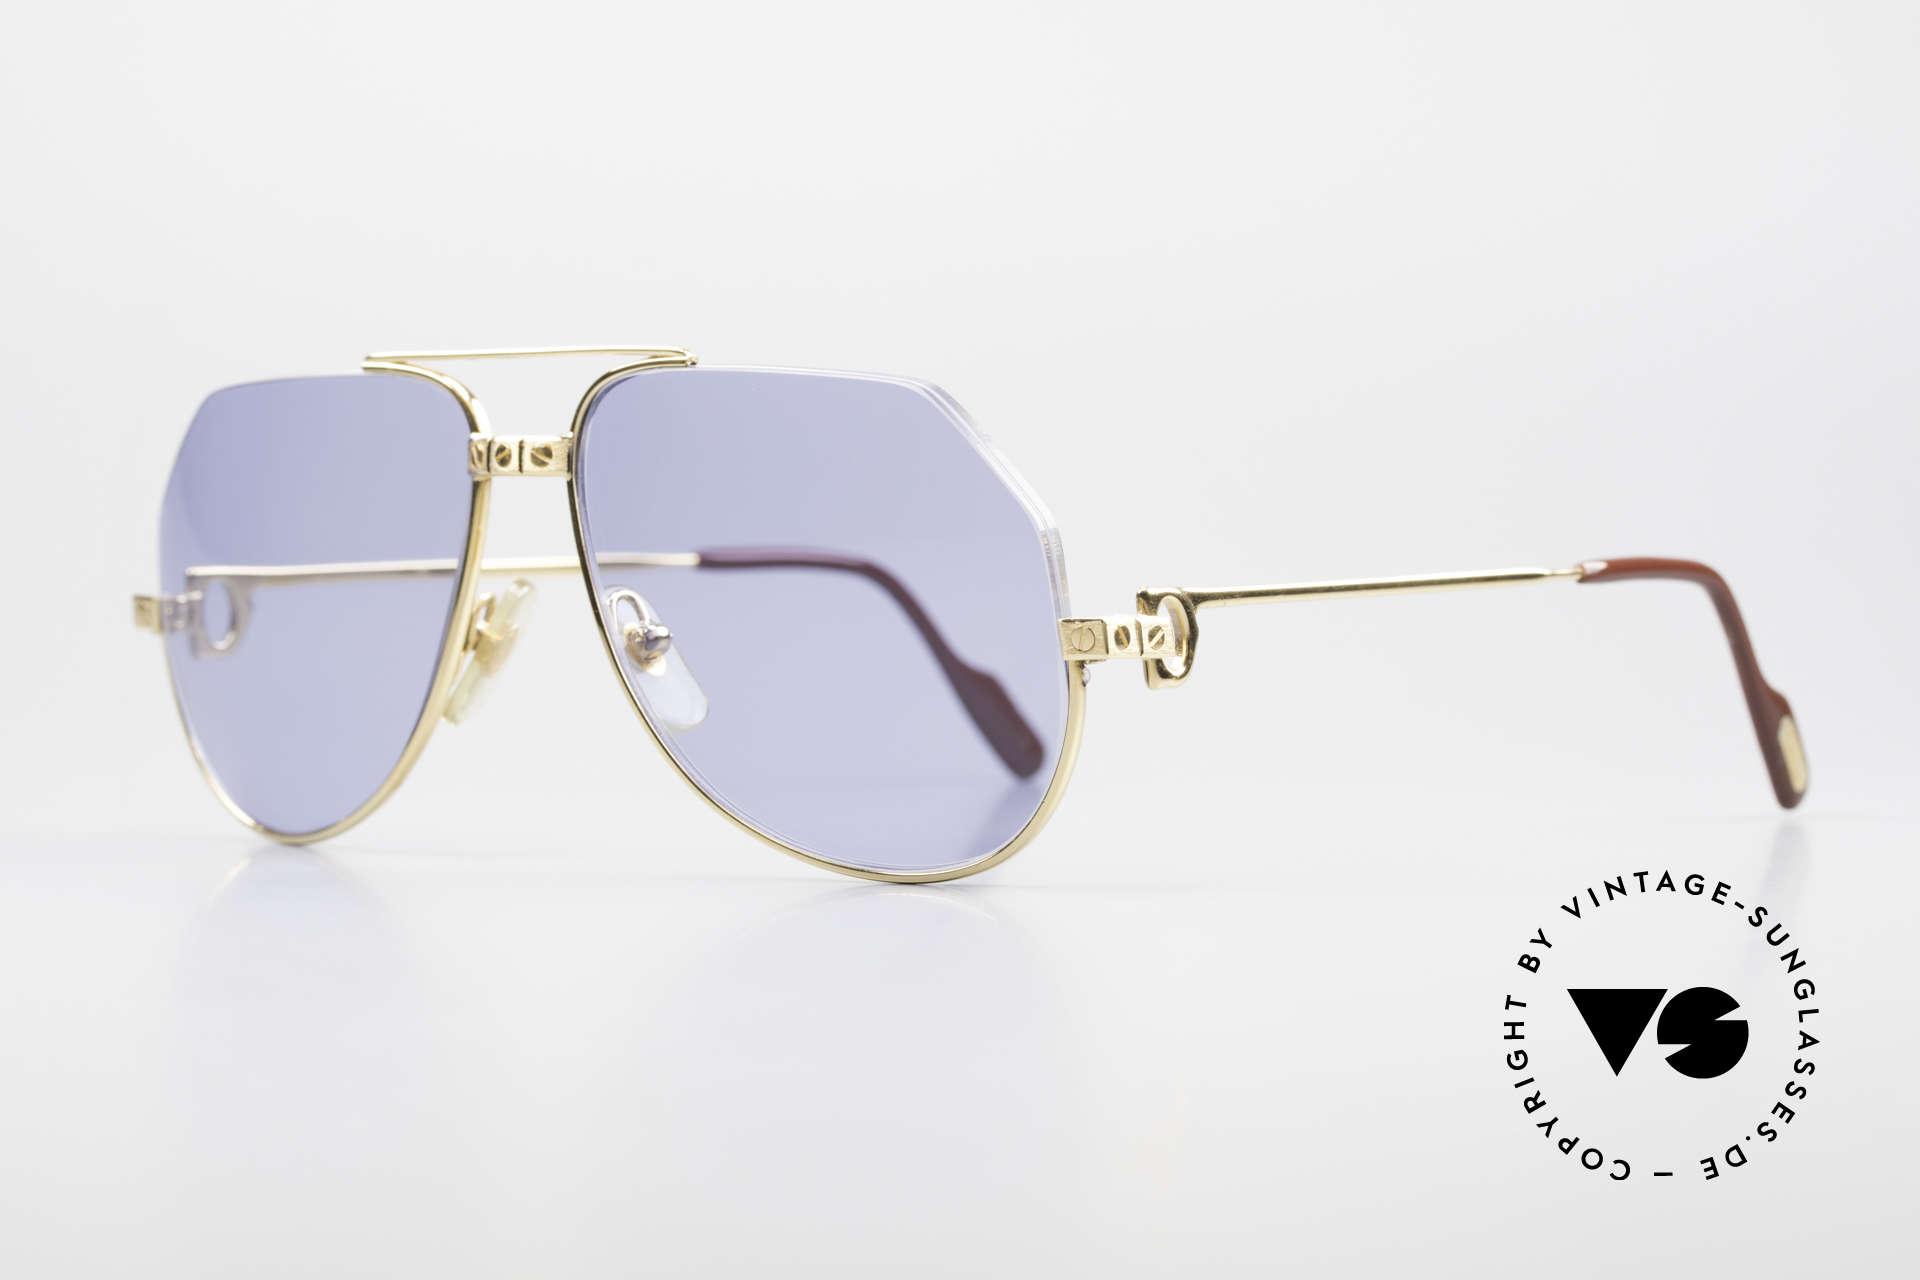 Cartier Vendome Santos - S Einzelstück Nylor Und Gold, Oberrand wurde entfernt und durch Nylor-Faden ersetzt, Passend für Herren